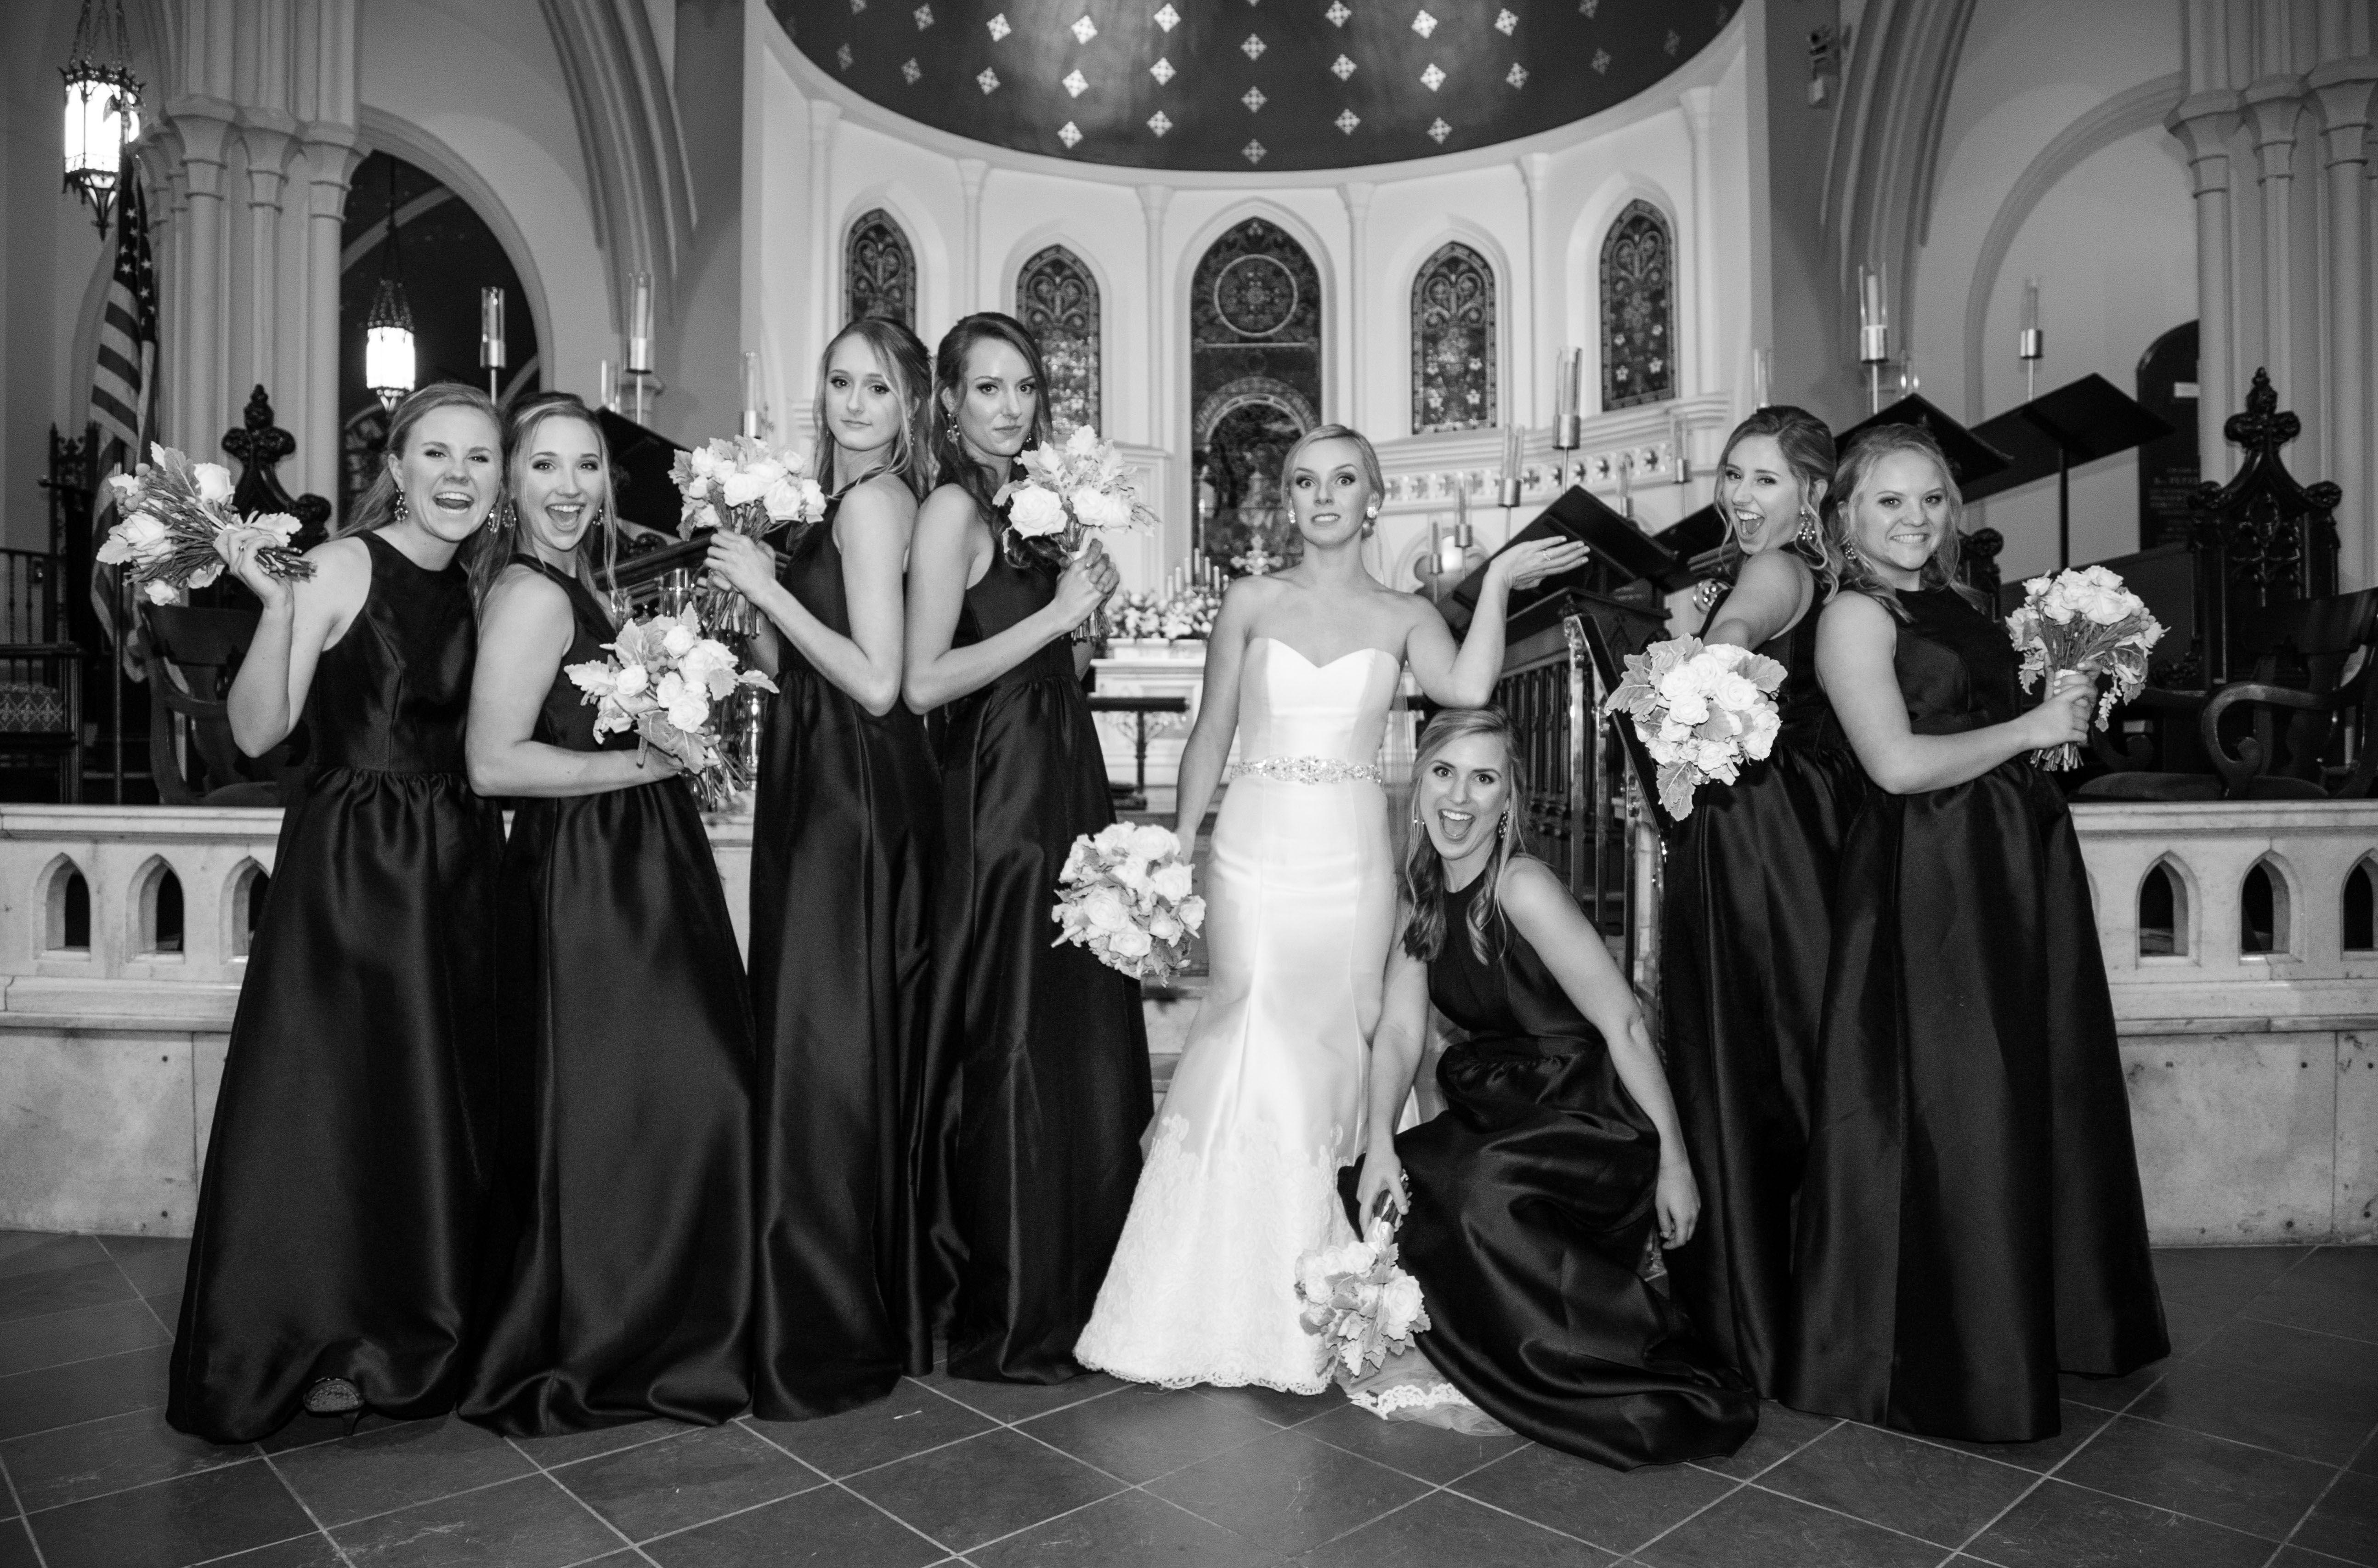 Fun bridesmaid photos charlies angels silly bridesmaid poses bridesmaid ombrellifo Choice Image